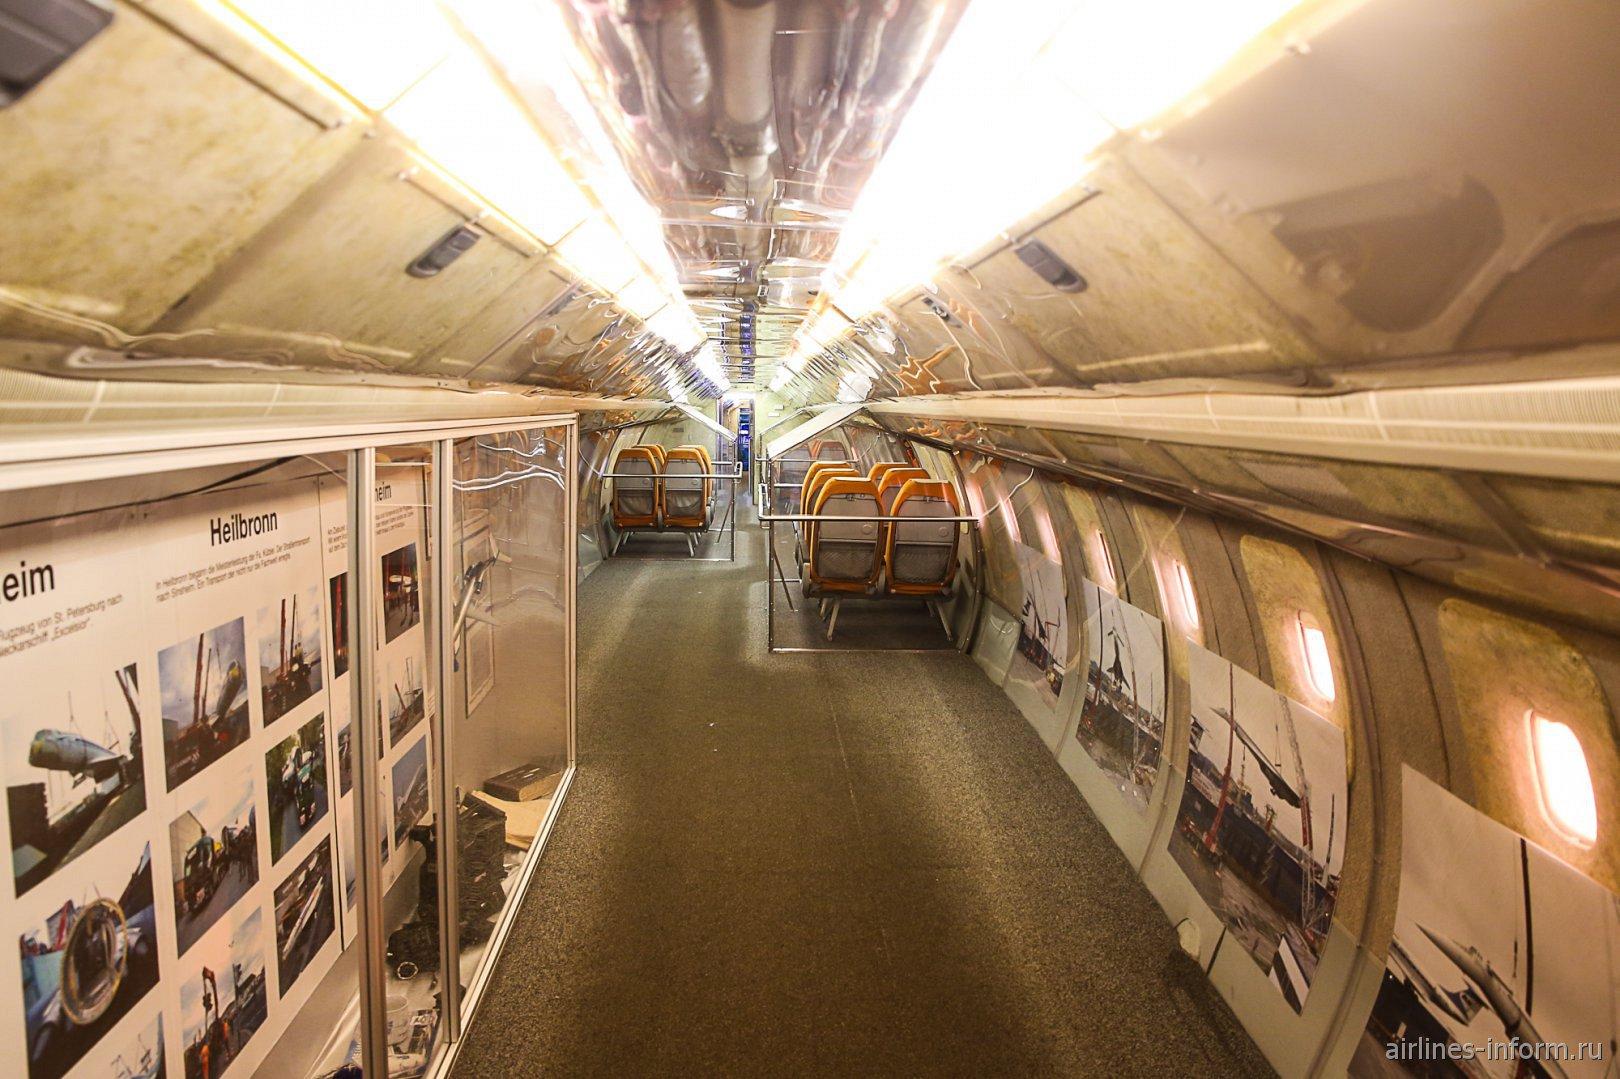 Салон самолета Ту-144 в музее техники в Зинсхайме